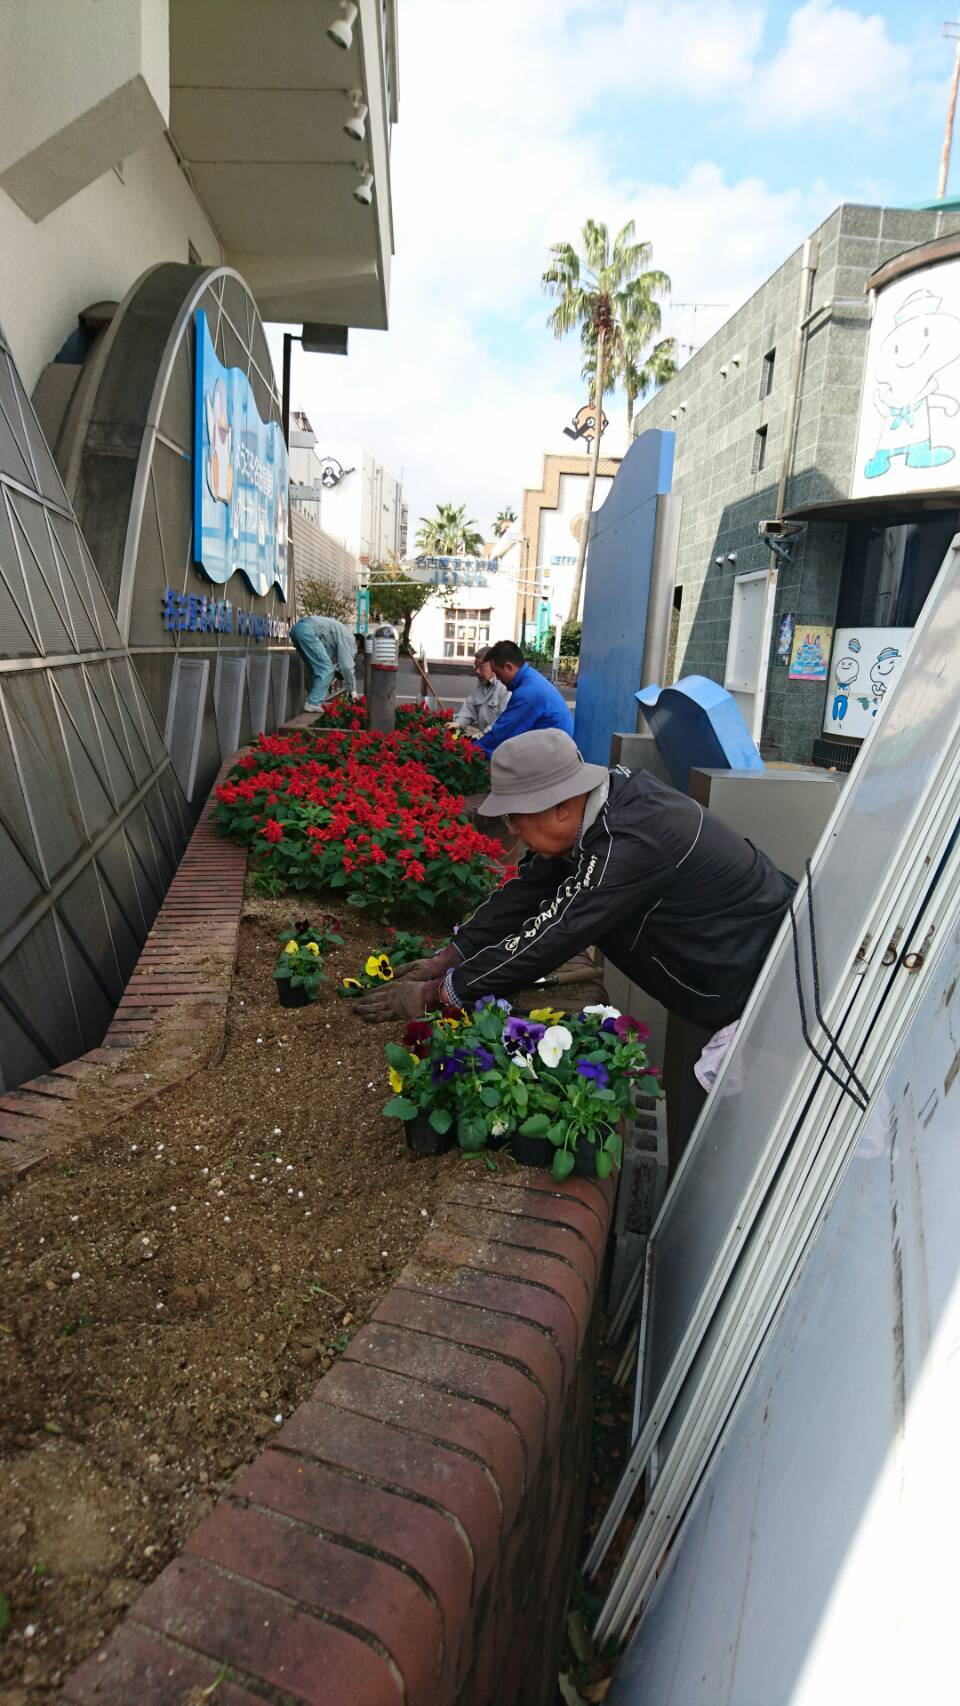 ガーデンふ頭総合案内所前花壇の植替えH29.11.13_d0338682_08524447.jpg